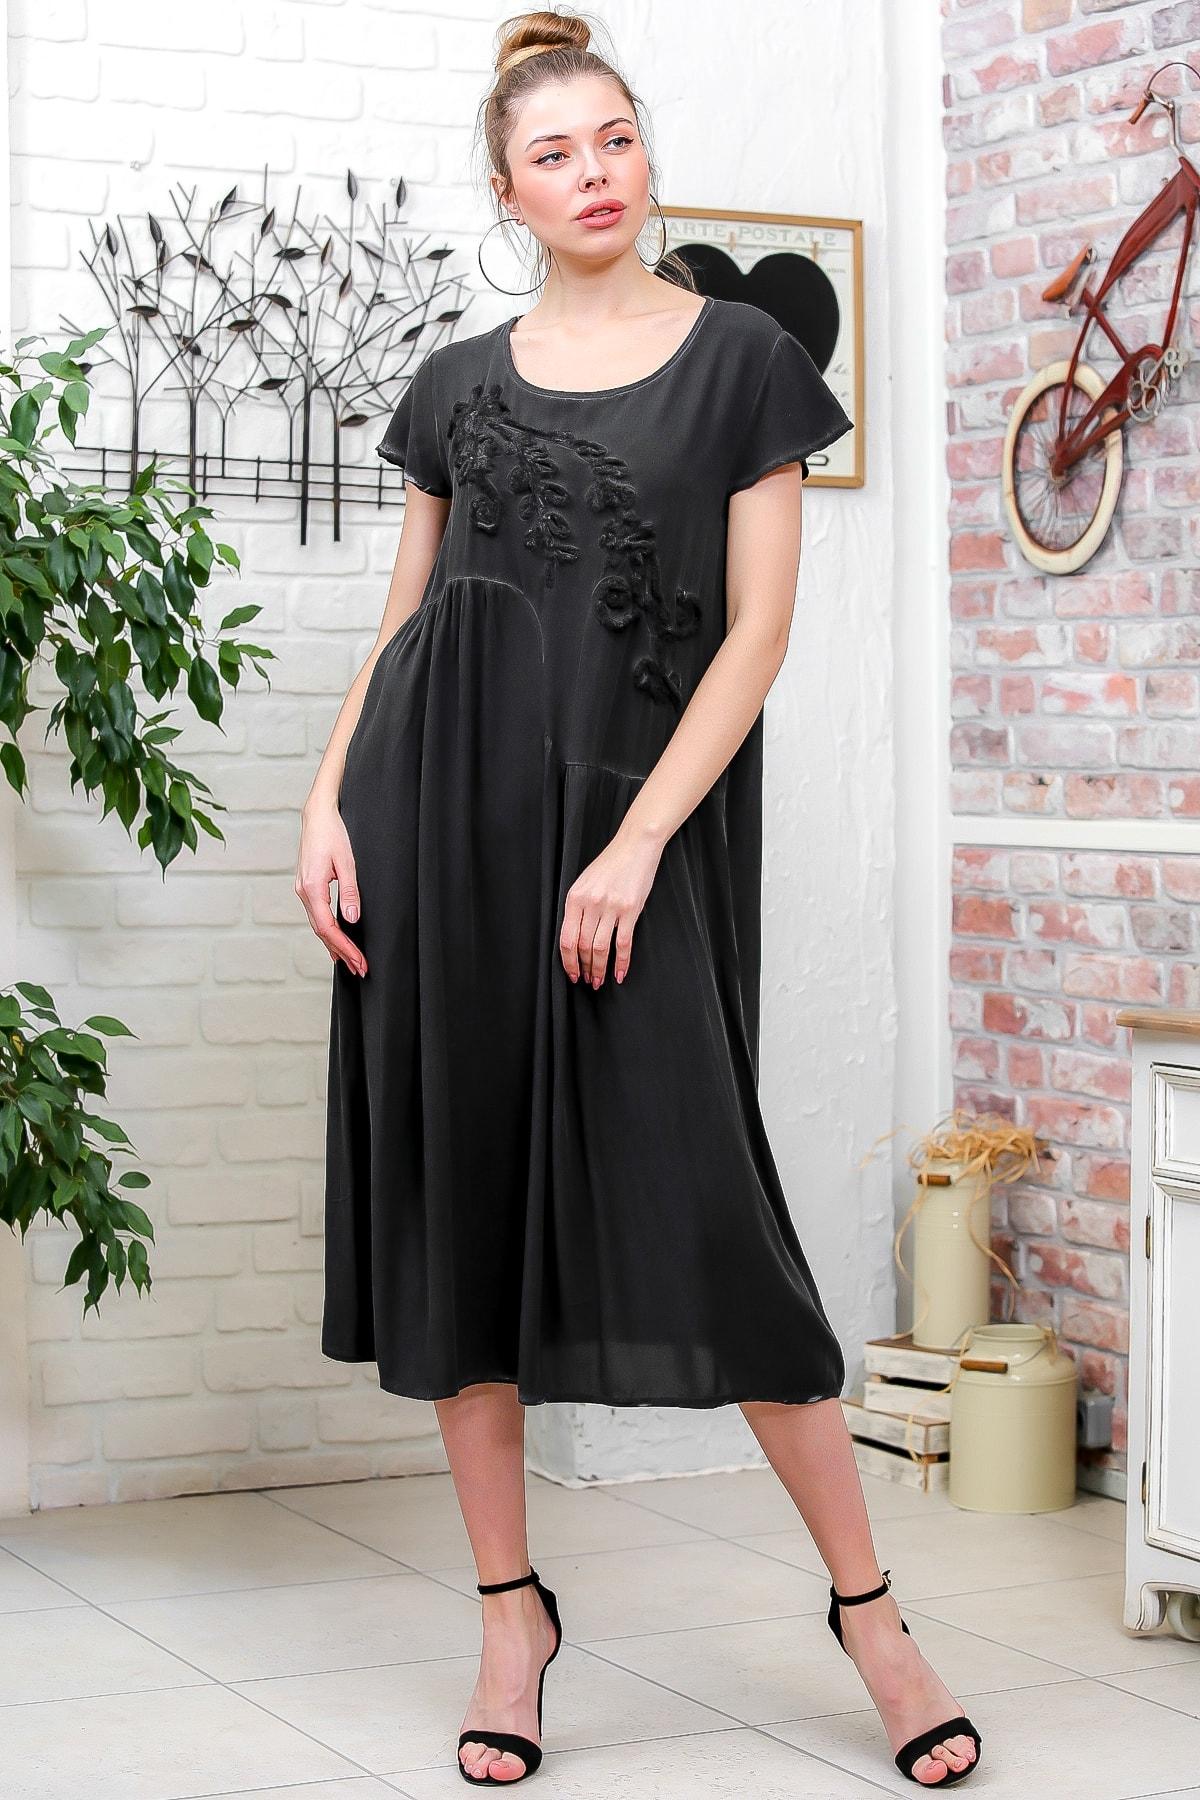 Chiccy Kadın Füme Süzene Nakışlı Asimetrik Kesim Midi Salaş Yıkamalı Elbise M10160000EL95606